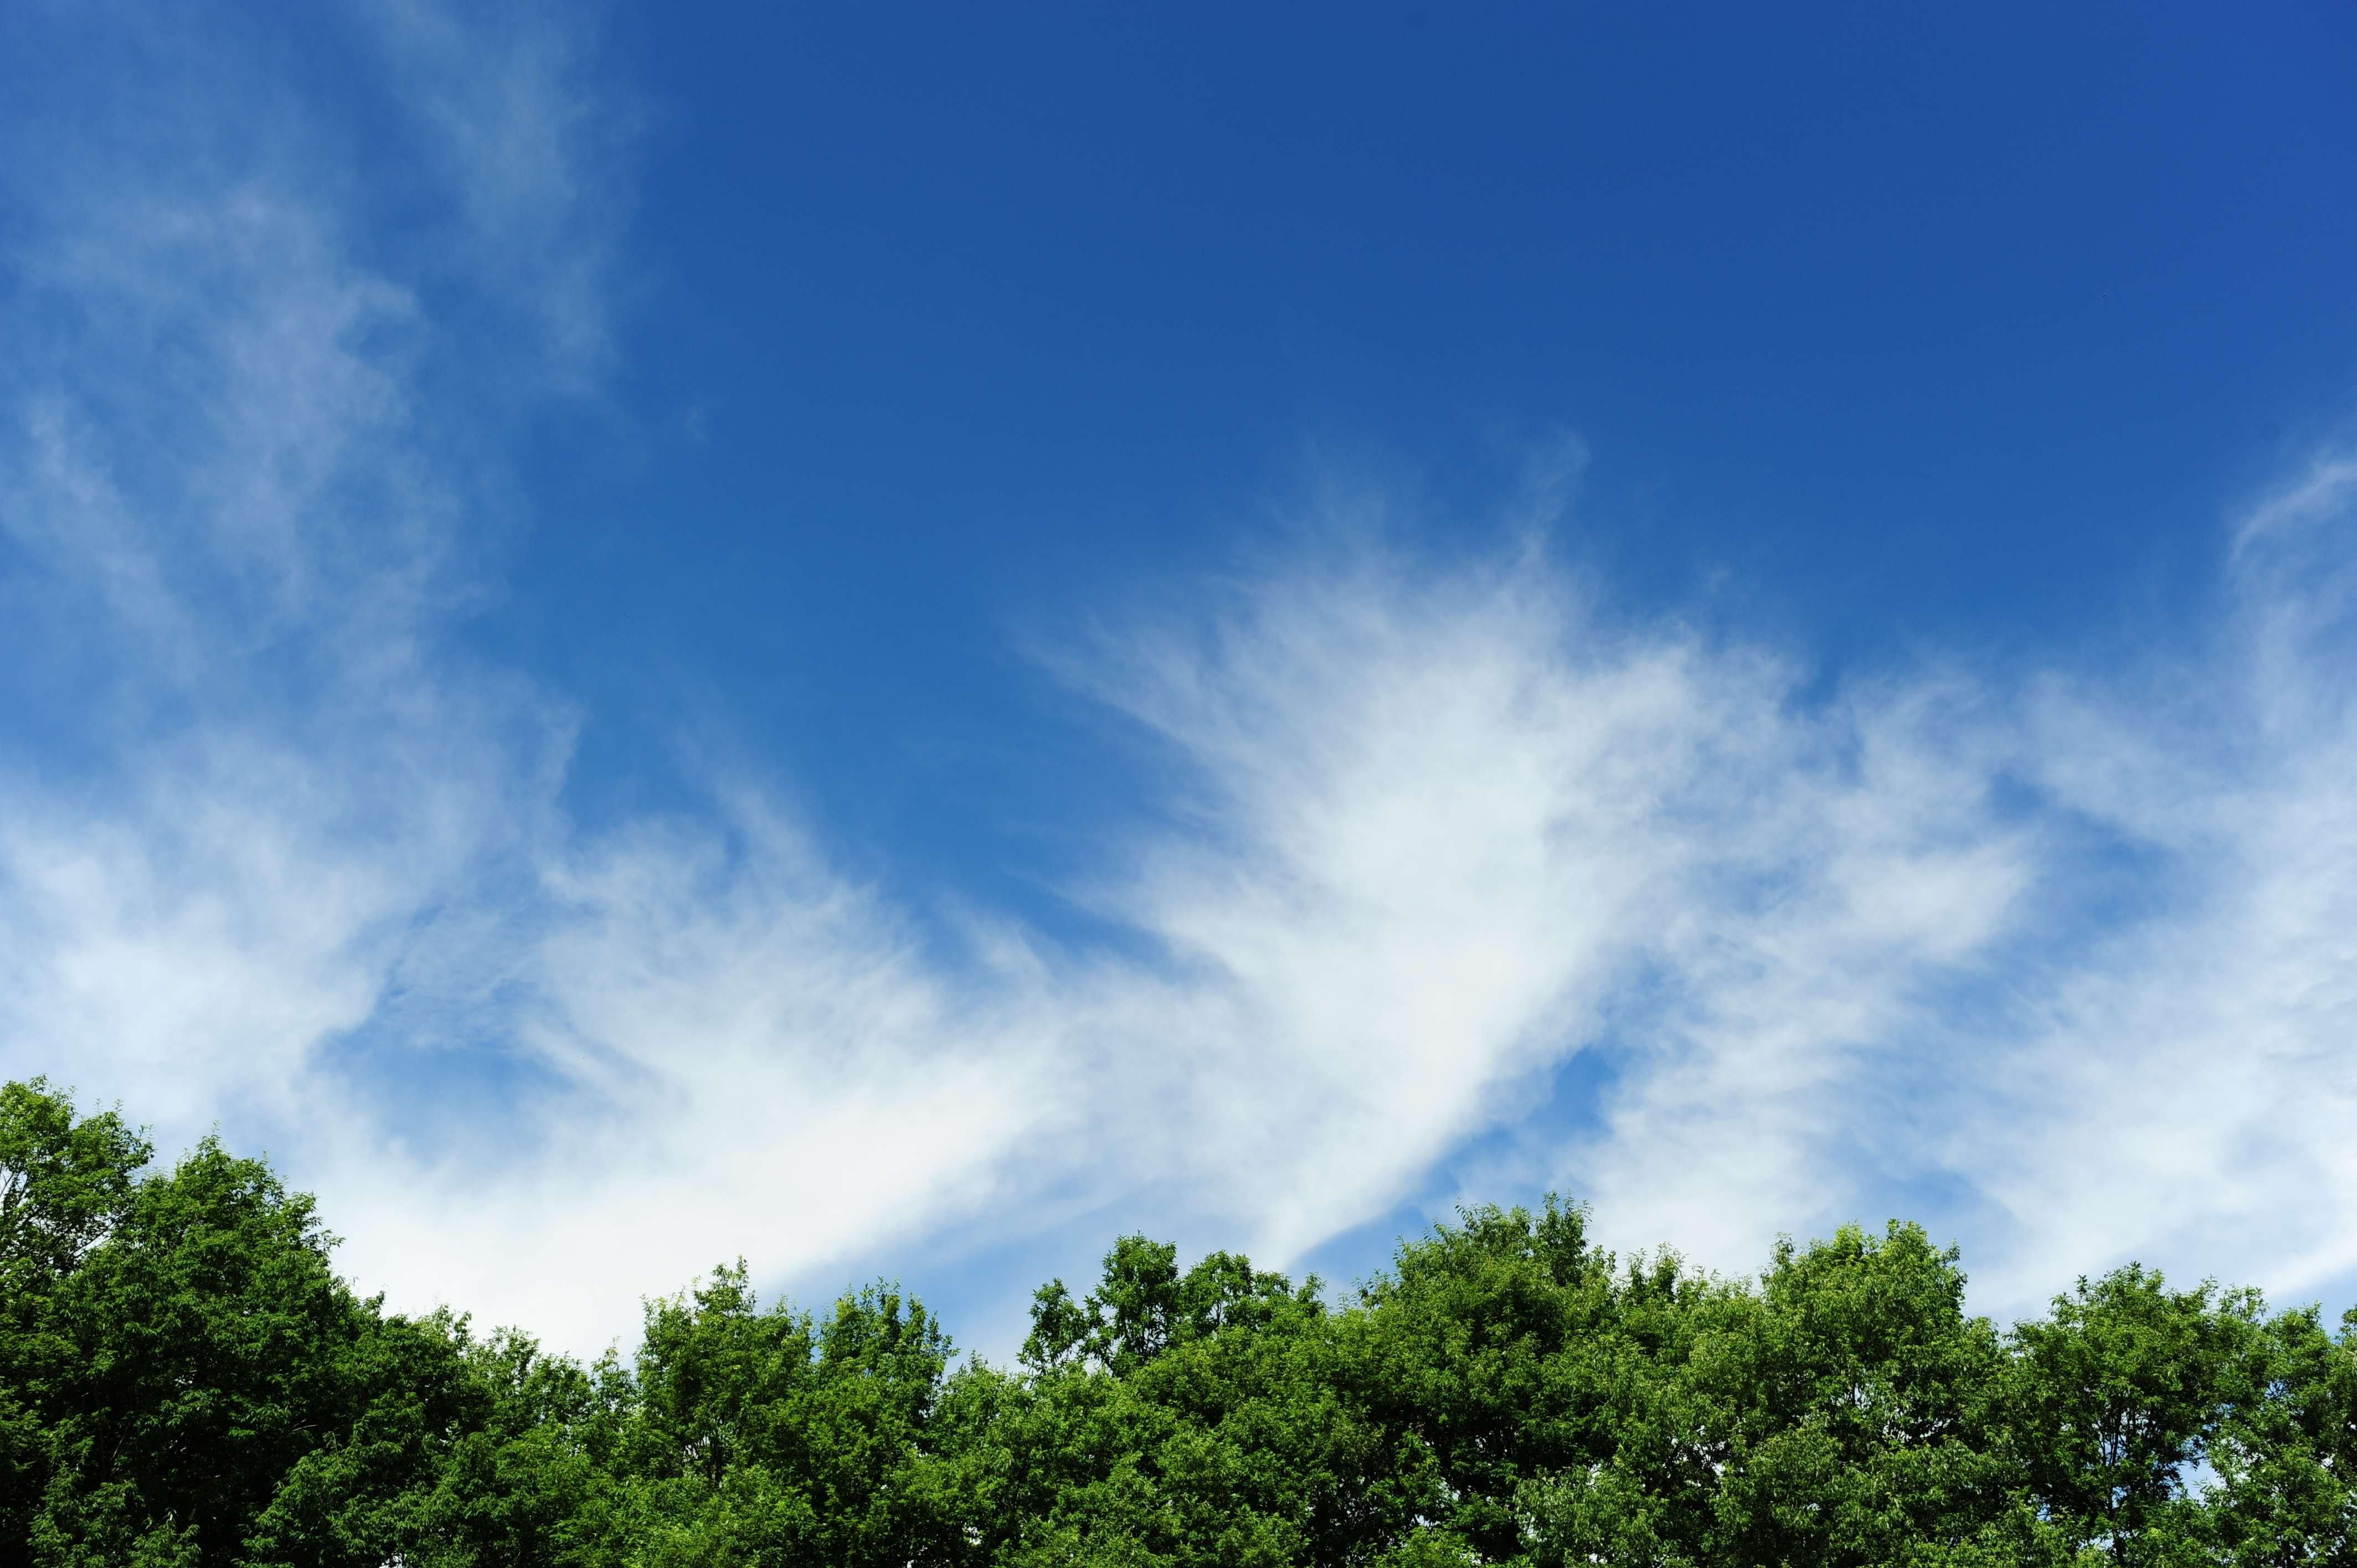 天空 高清 素材 单反